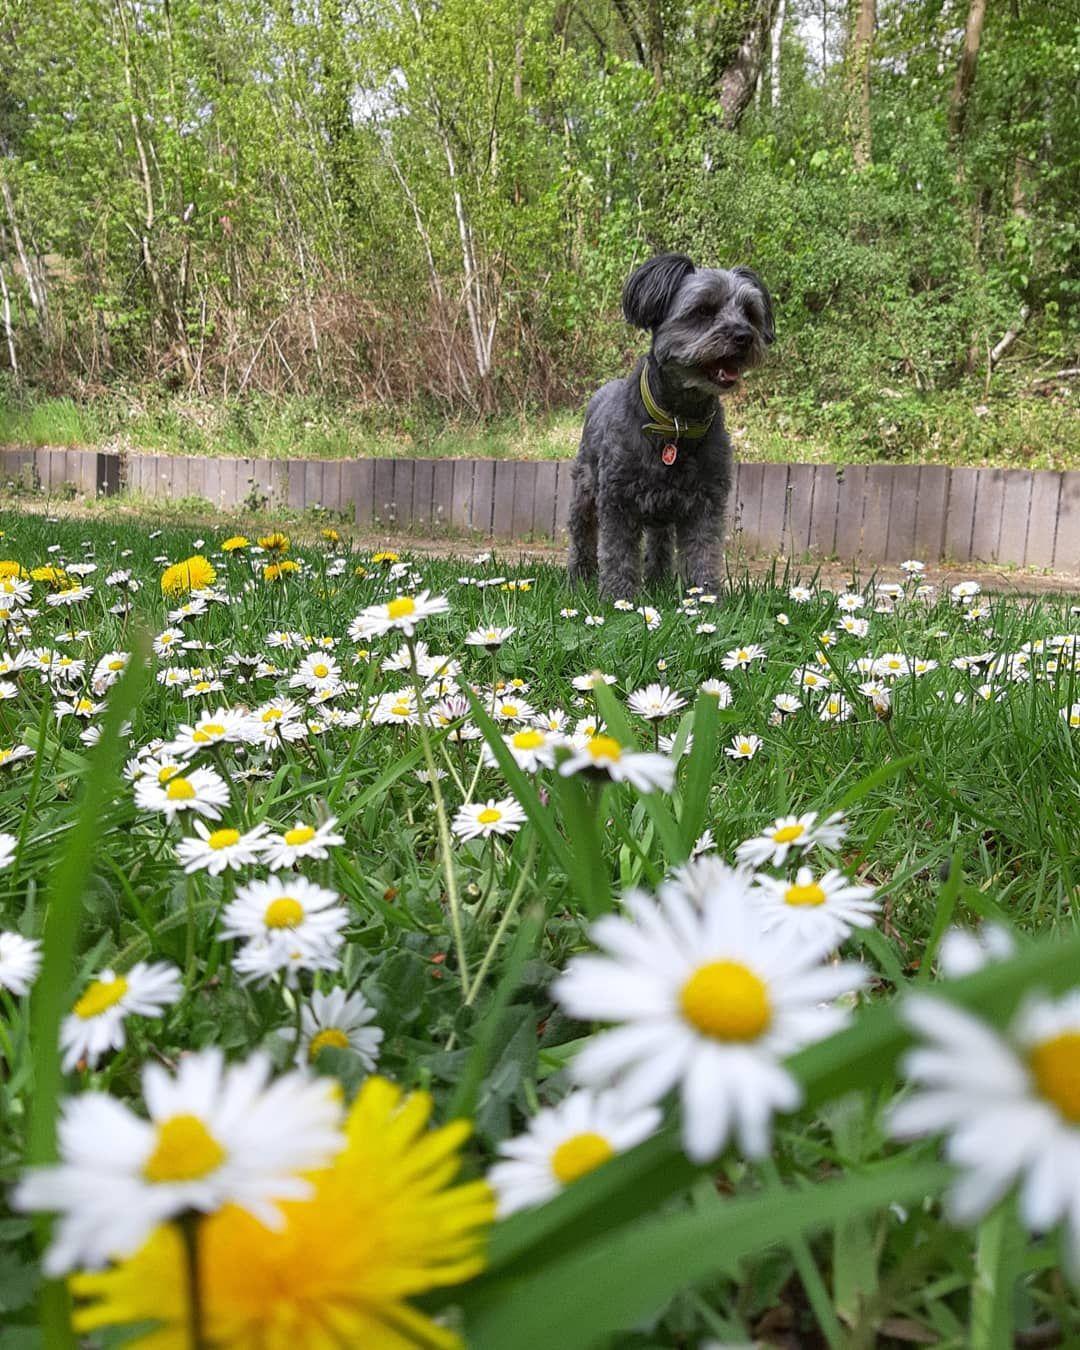 Timmy Und Die Ganseblumchen Garten Schwimmen Prallyundpraline Nature Natur S Garten Deko Gartengestaltung Gartenliebe